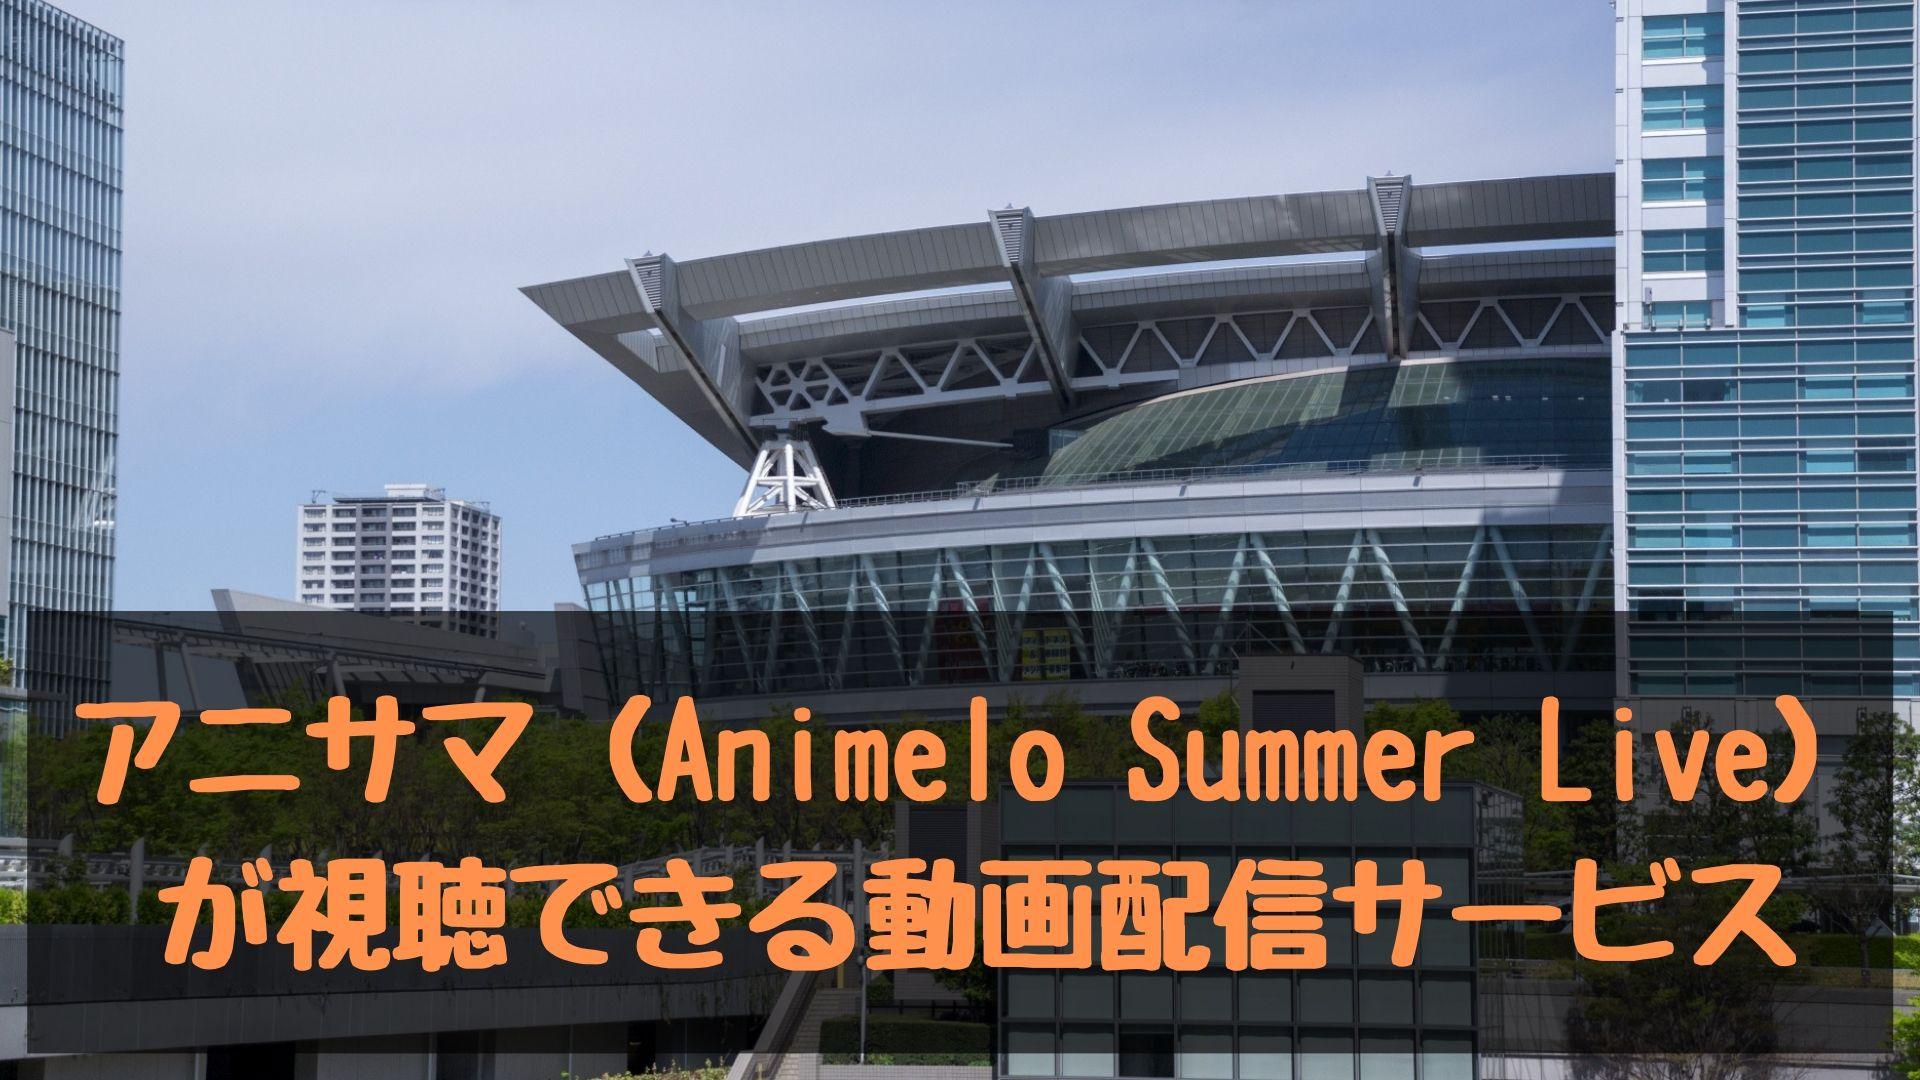 アニサマの動画!歴代「Animelo Summer Live」が視聴できる動画配信サービス